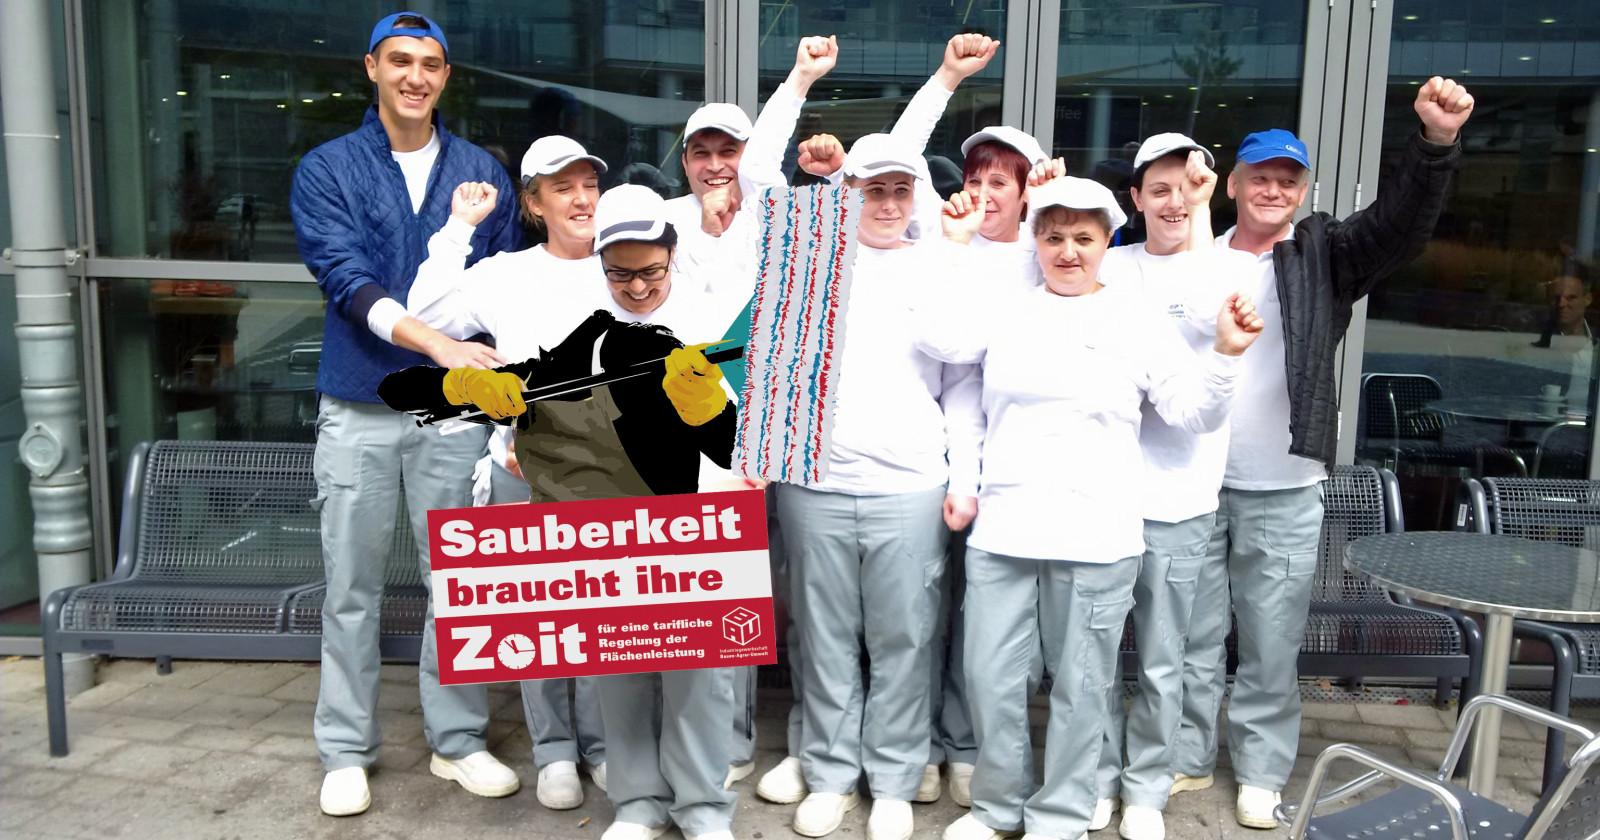 Kolleginnen & Kollegen von Tip Top bei Daimler in Sindelfingen wollen endlich 80 Cent mehr